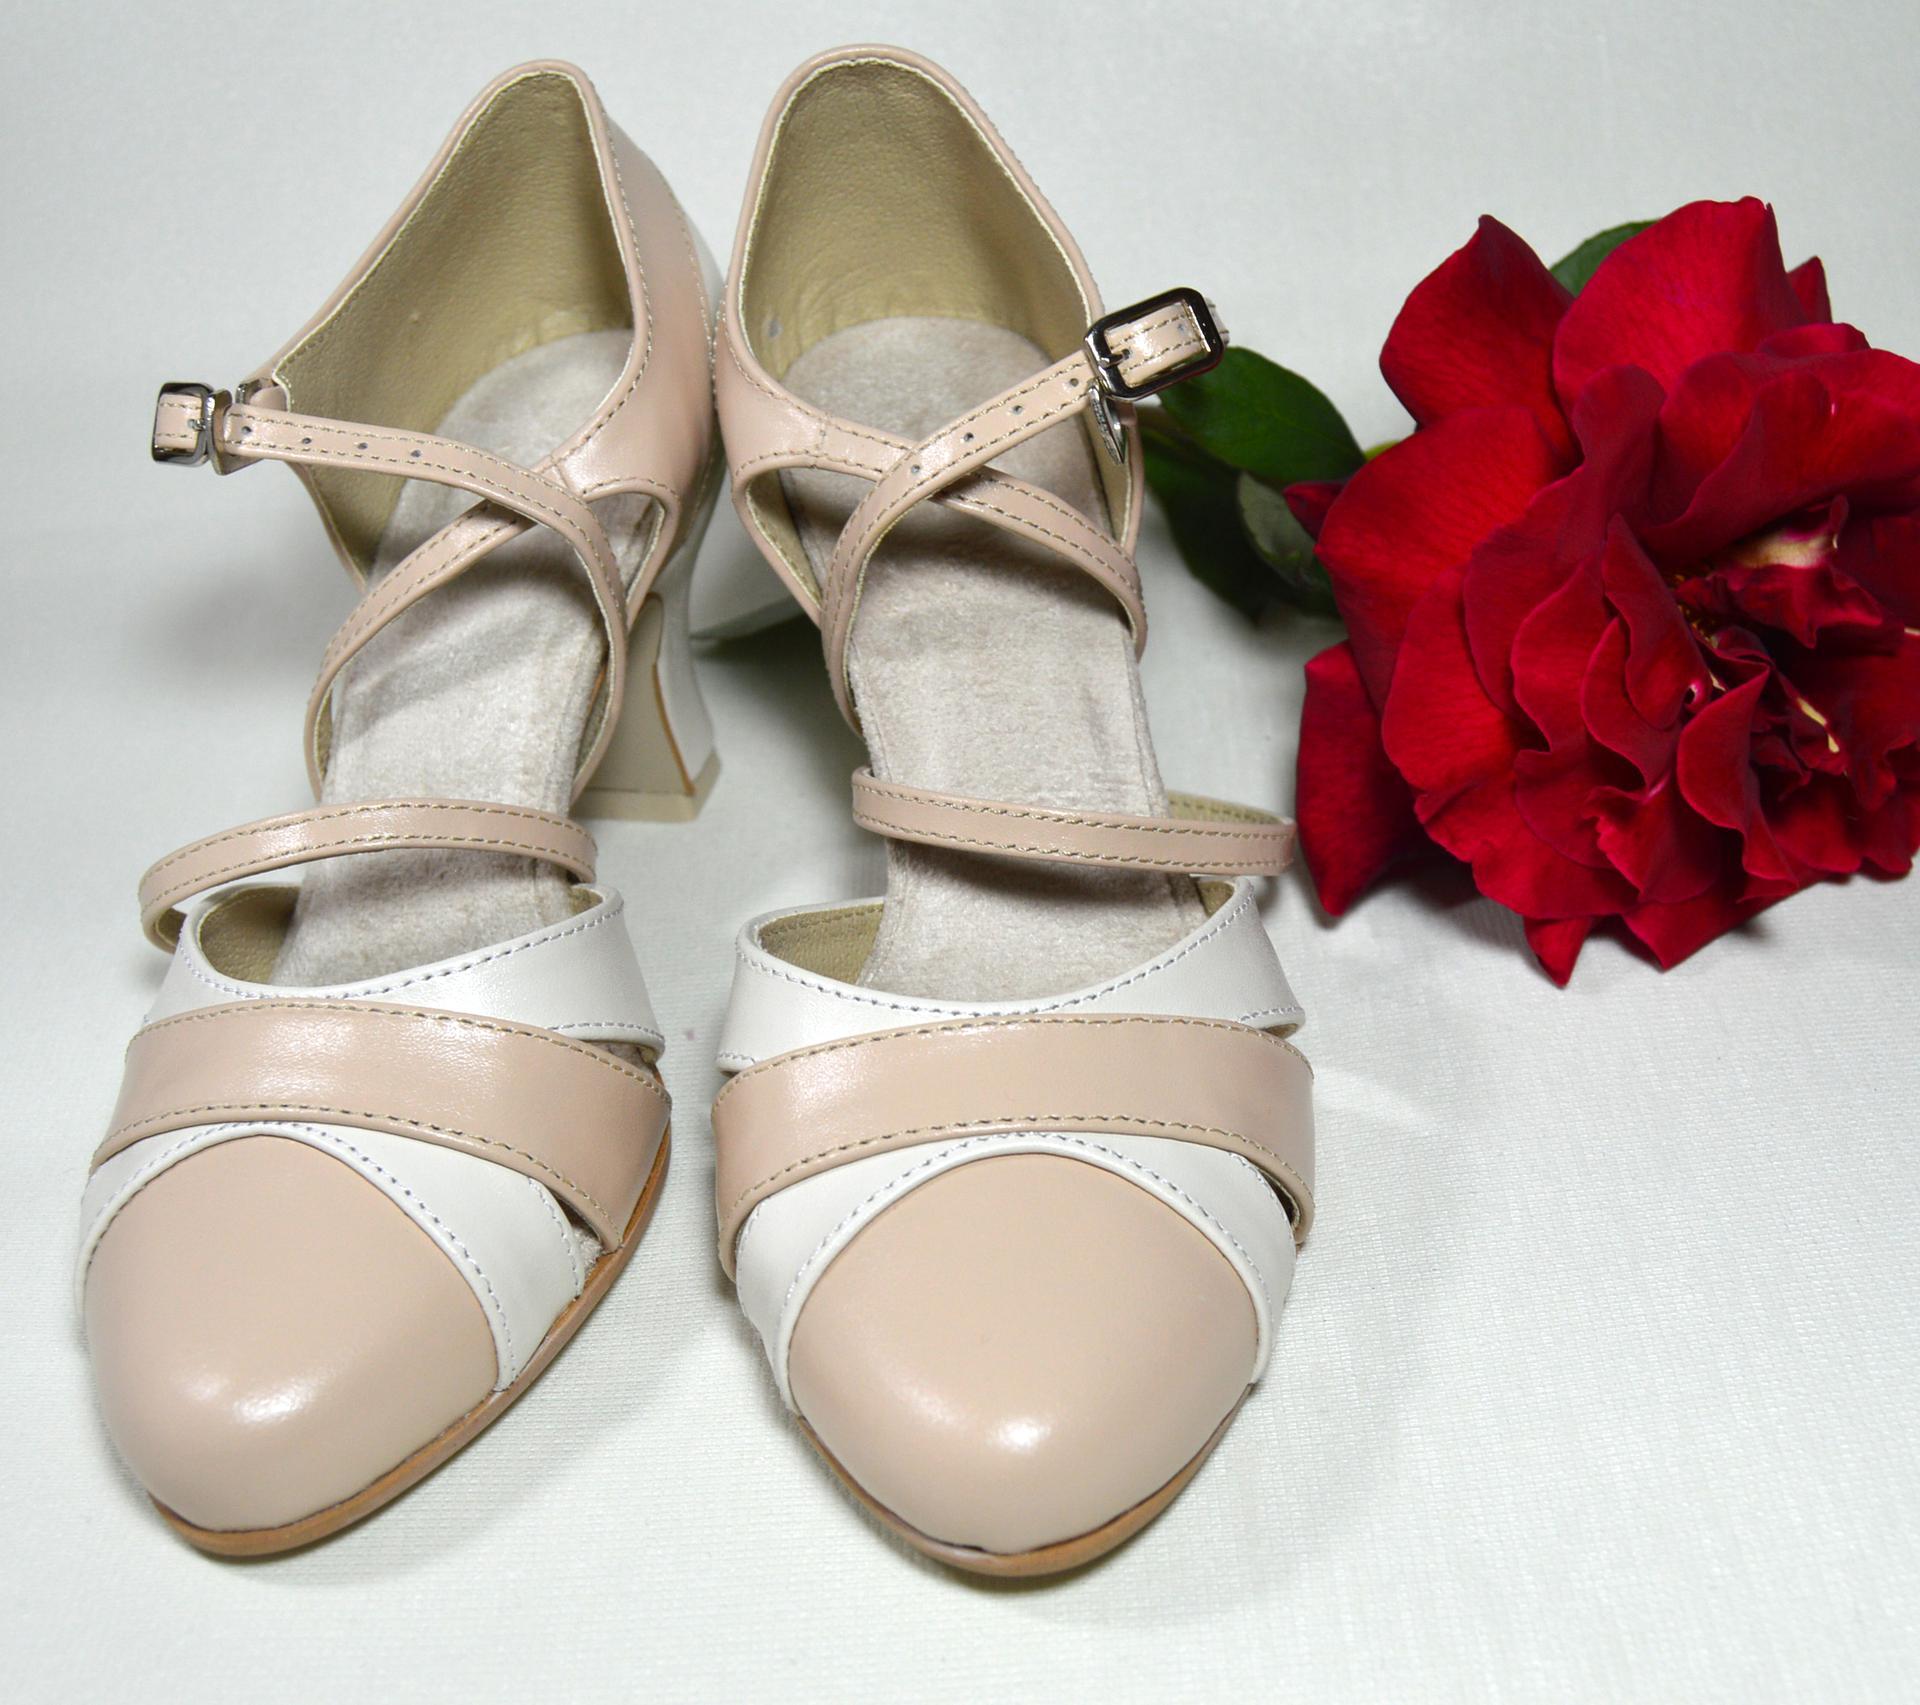 Spoločenská či svadobná obuv aj na každodenné nosenie - prečo nie - doprajte si pohodlné topánky aj každý deň, veď Vaše nohy si to zaslúžia 🙂 http://popelkateam.eu/jak-zacit/4594574200 Navrhnite si ich podľa svojho vkusu - Obrázok č. 1